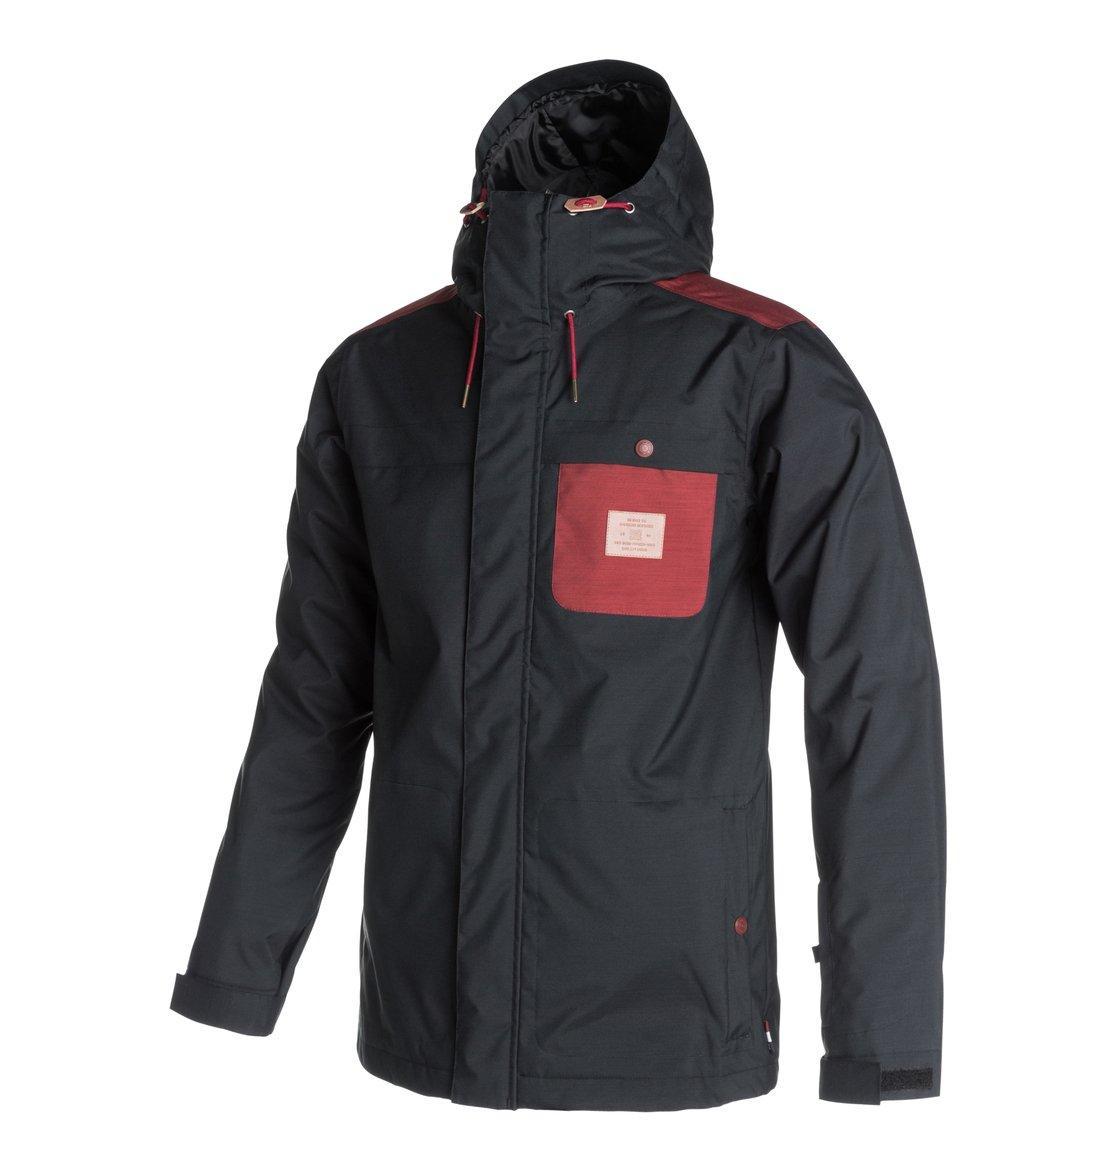 8a43d2121af Мужская сноубордическая куртка DC Men s Delinquent 17 Jacket - Sport Active  People - Интернет Магазин Спортивной